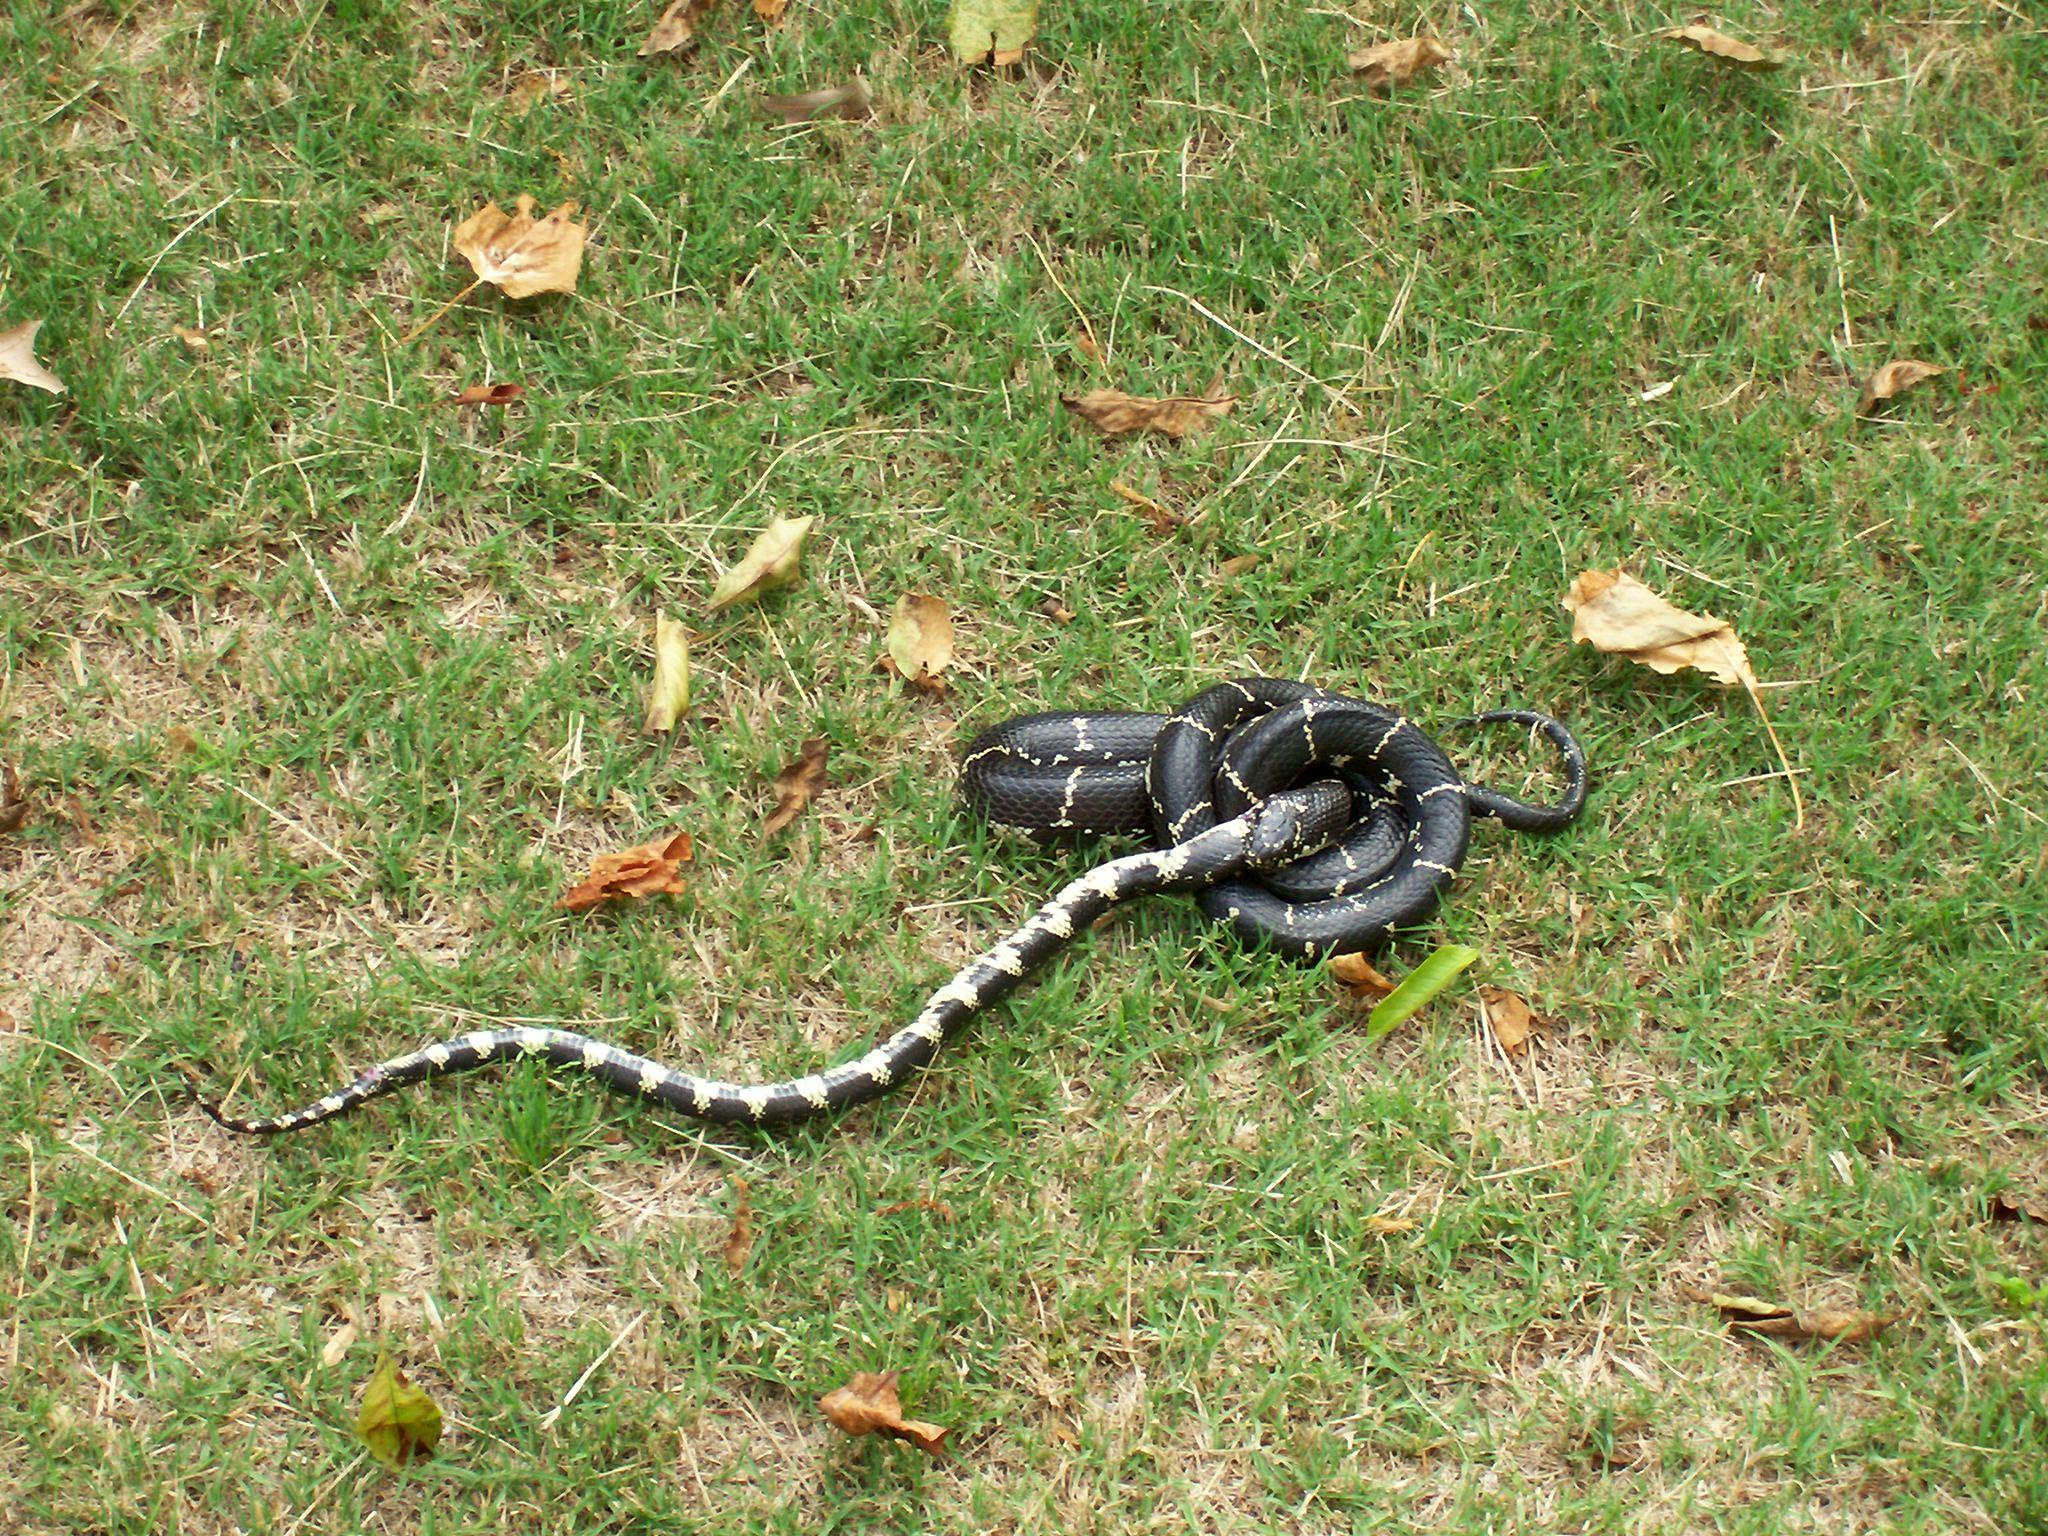 kingsnake eating rat snake